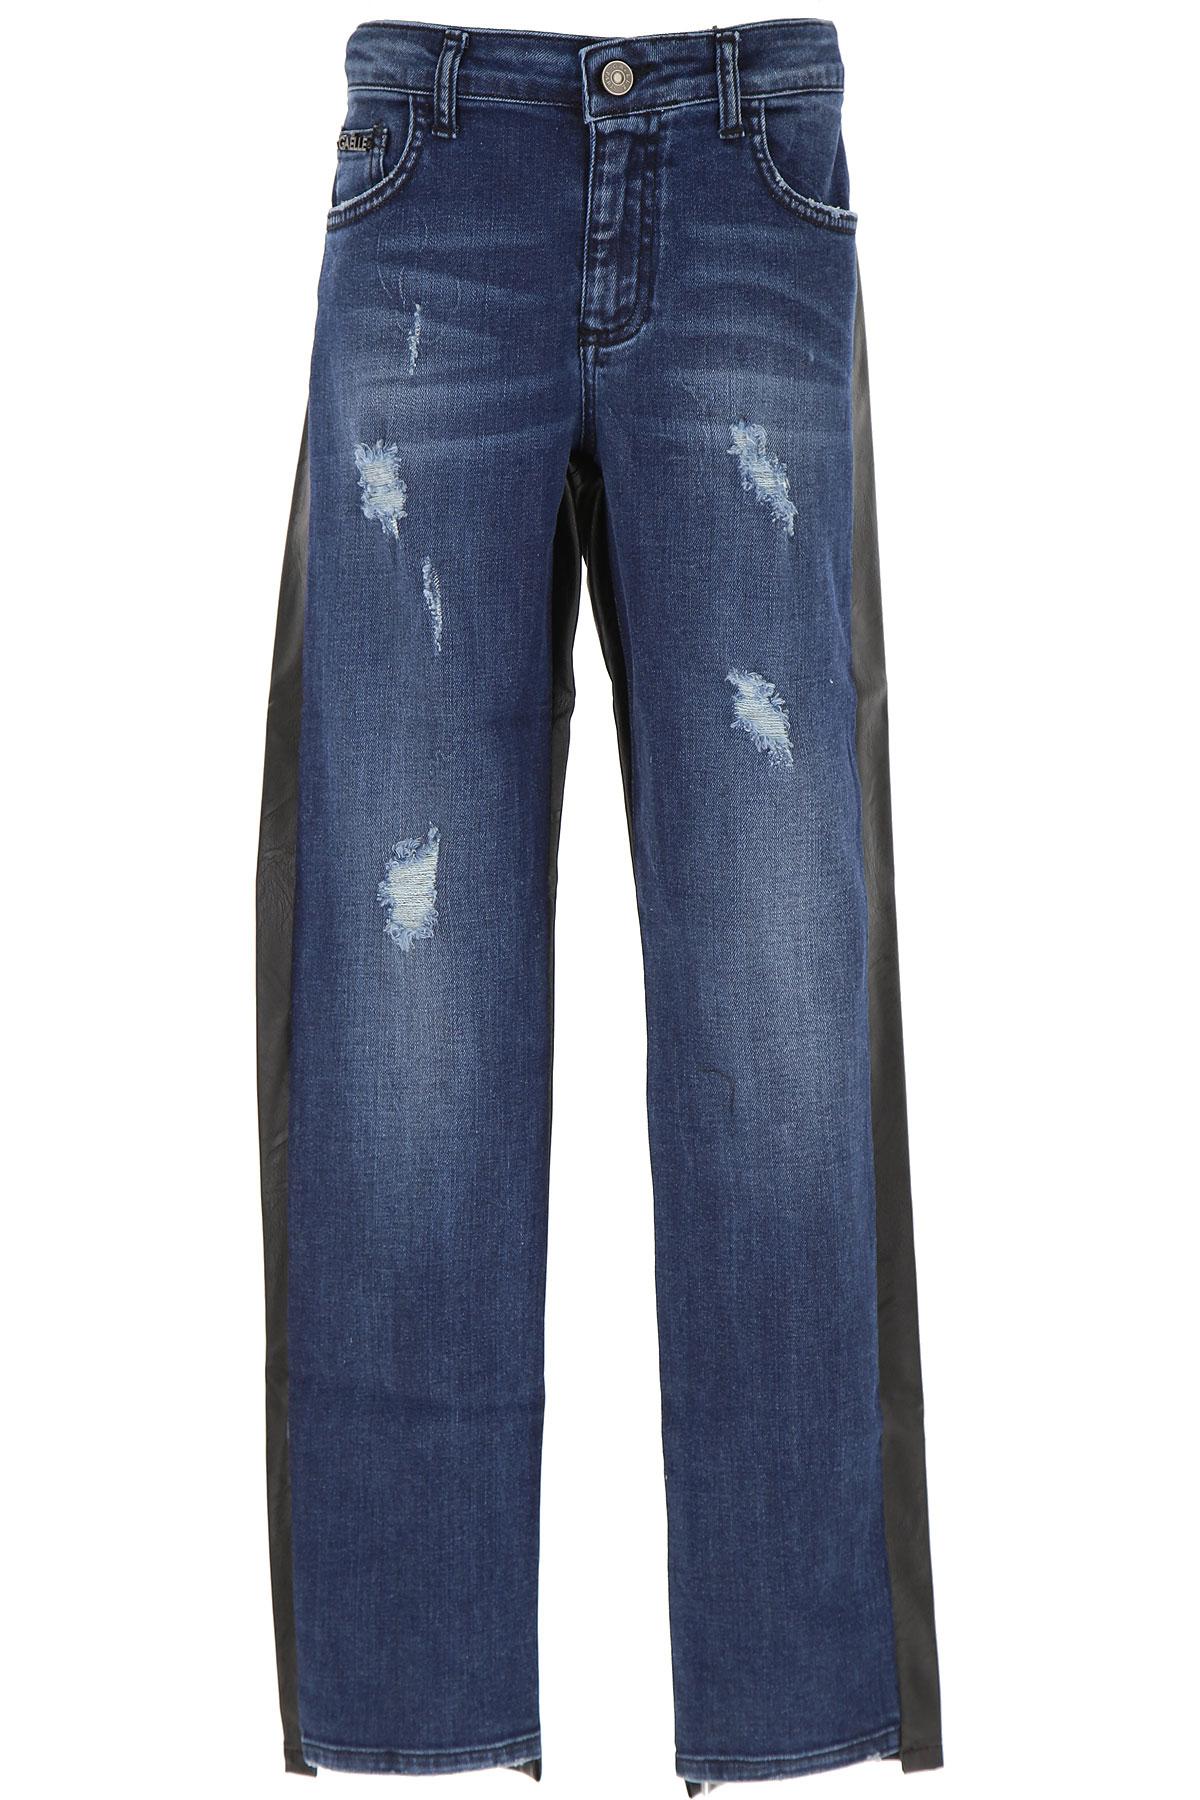 Gaelle Kids Jeans for Girls On Sale, Denim Blue, Cotton, 2019, 10Y 12Y 14Y 8Y